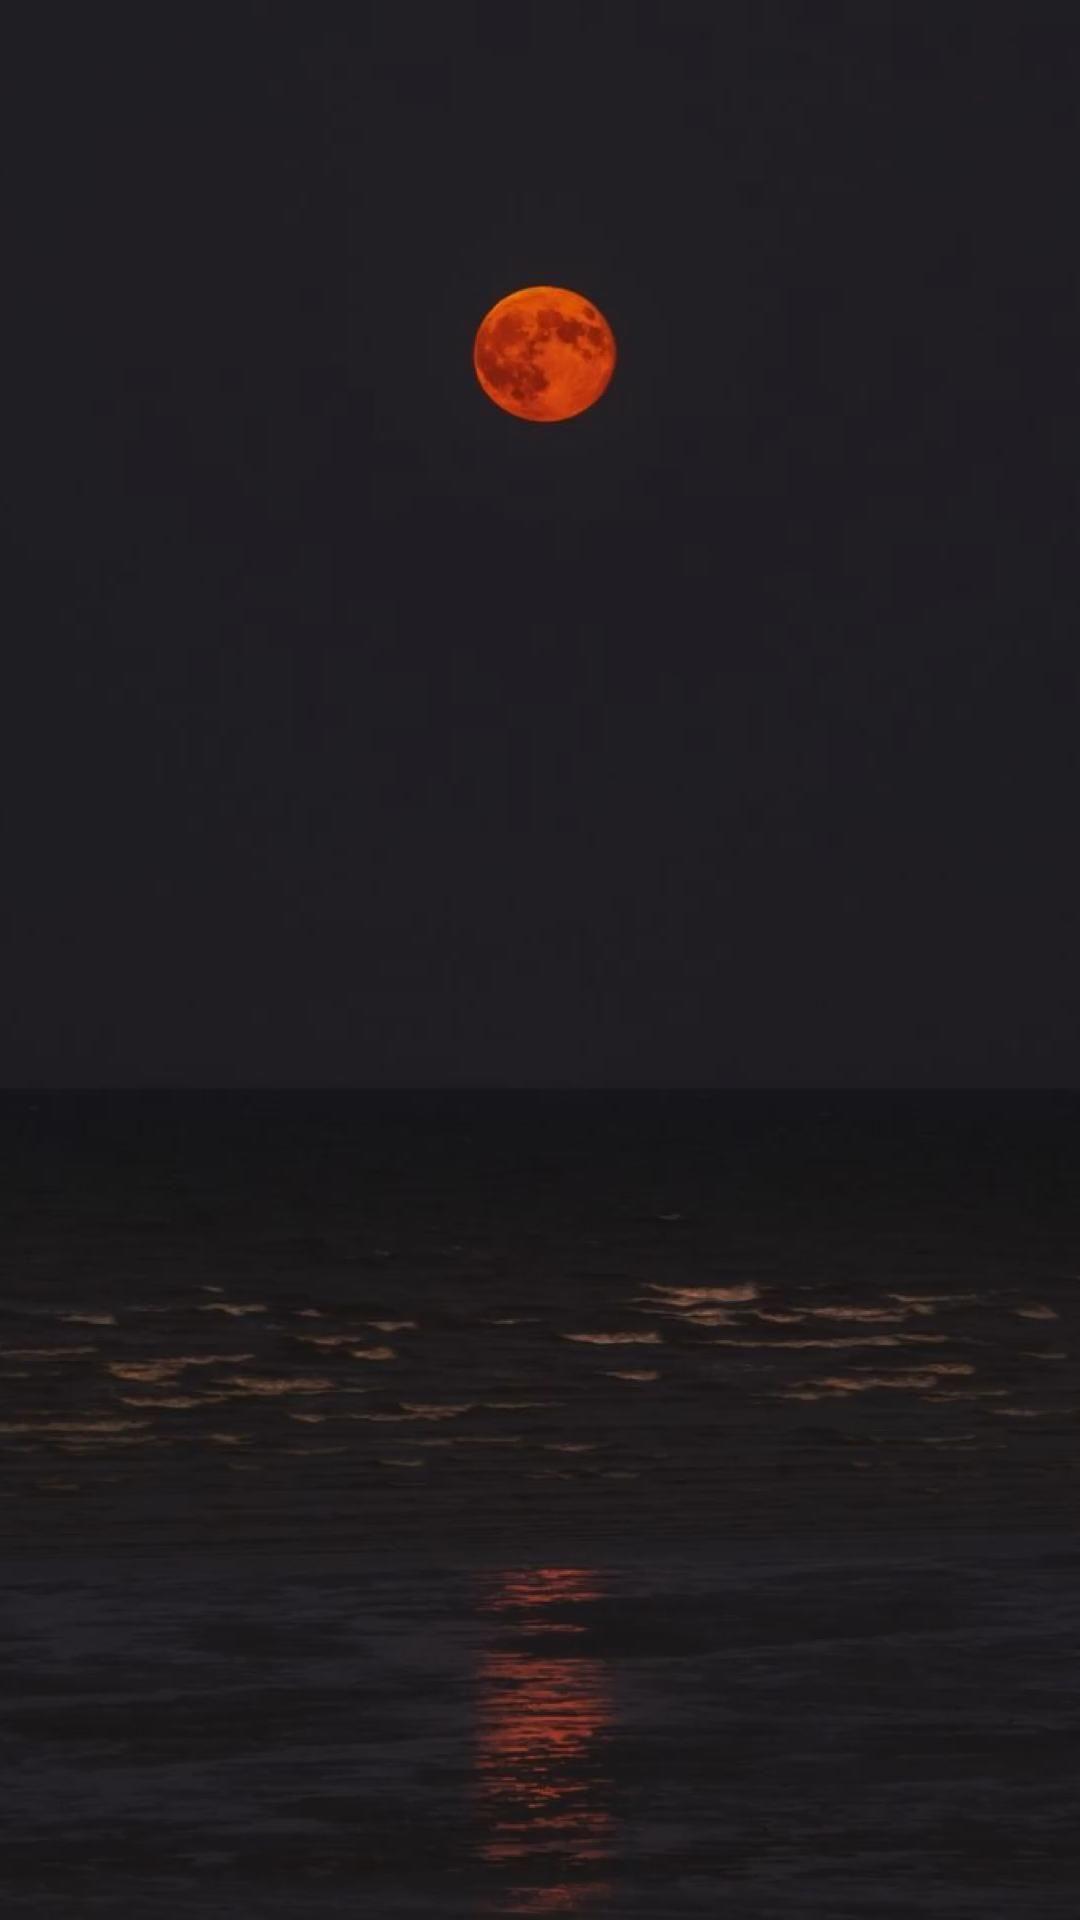 Moon   Moonlight   Night   Beach   Summer Feelings  Dark   Red Moon   Wallpaper